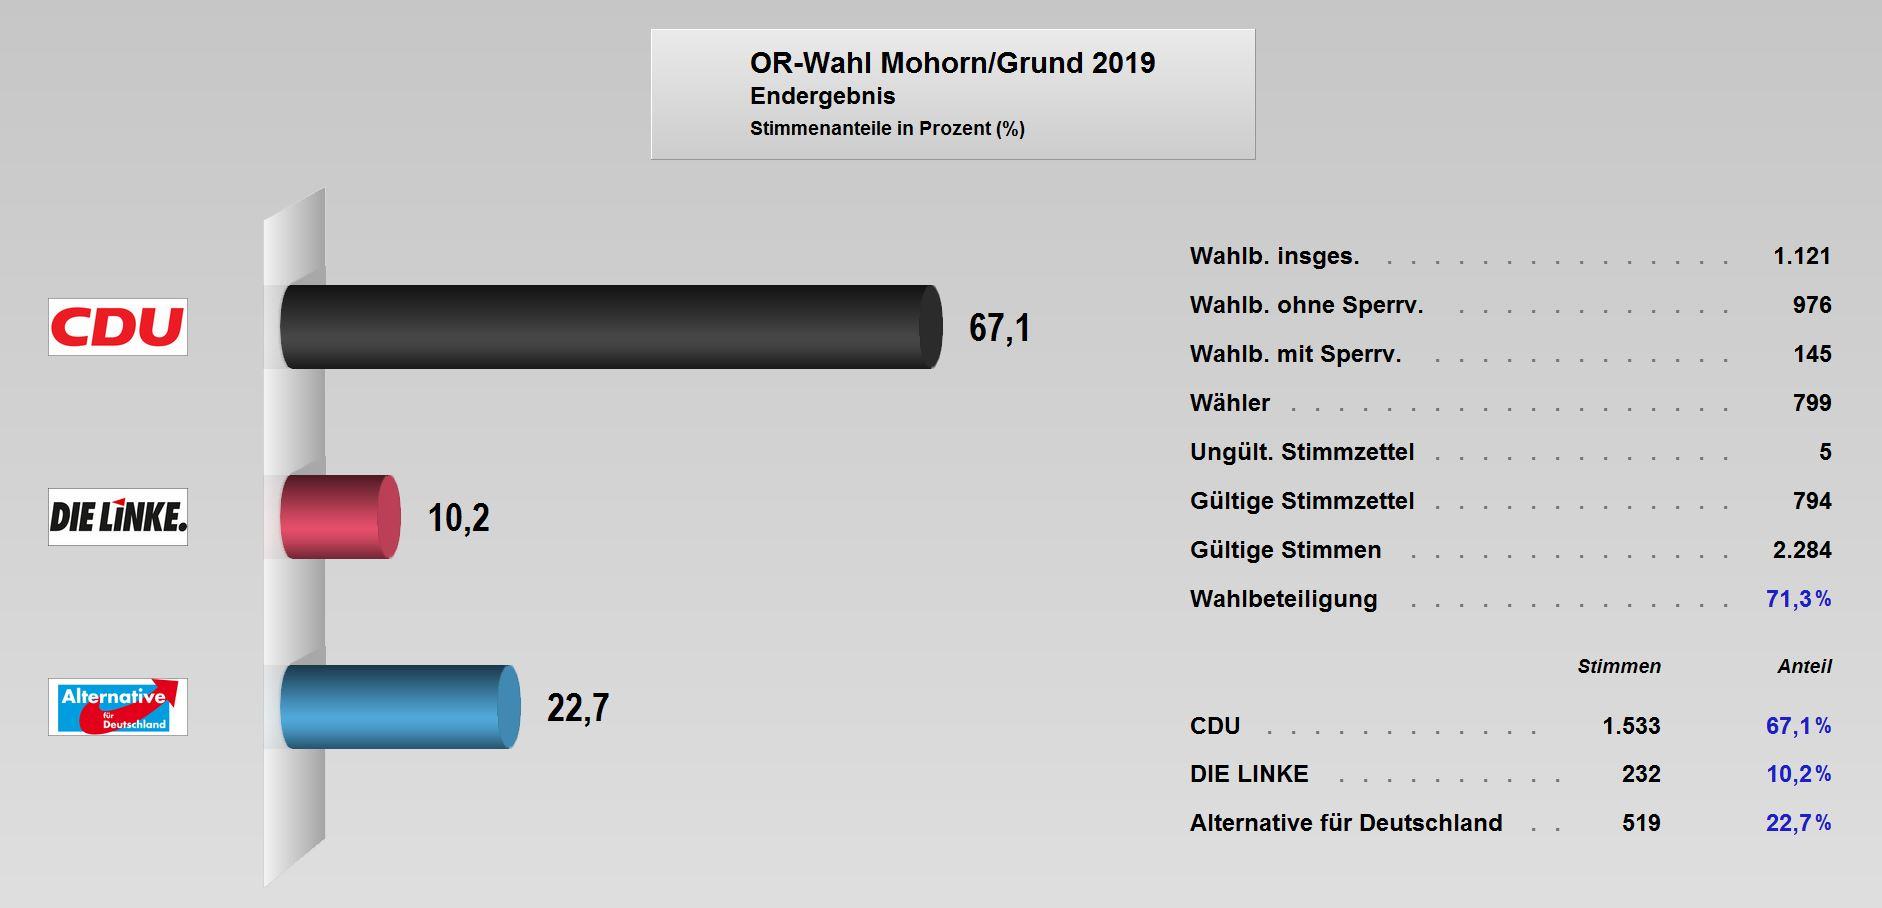 OR-Wahl_2019_Endergebnis Mohorn-Grund.JPG